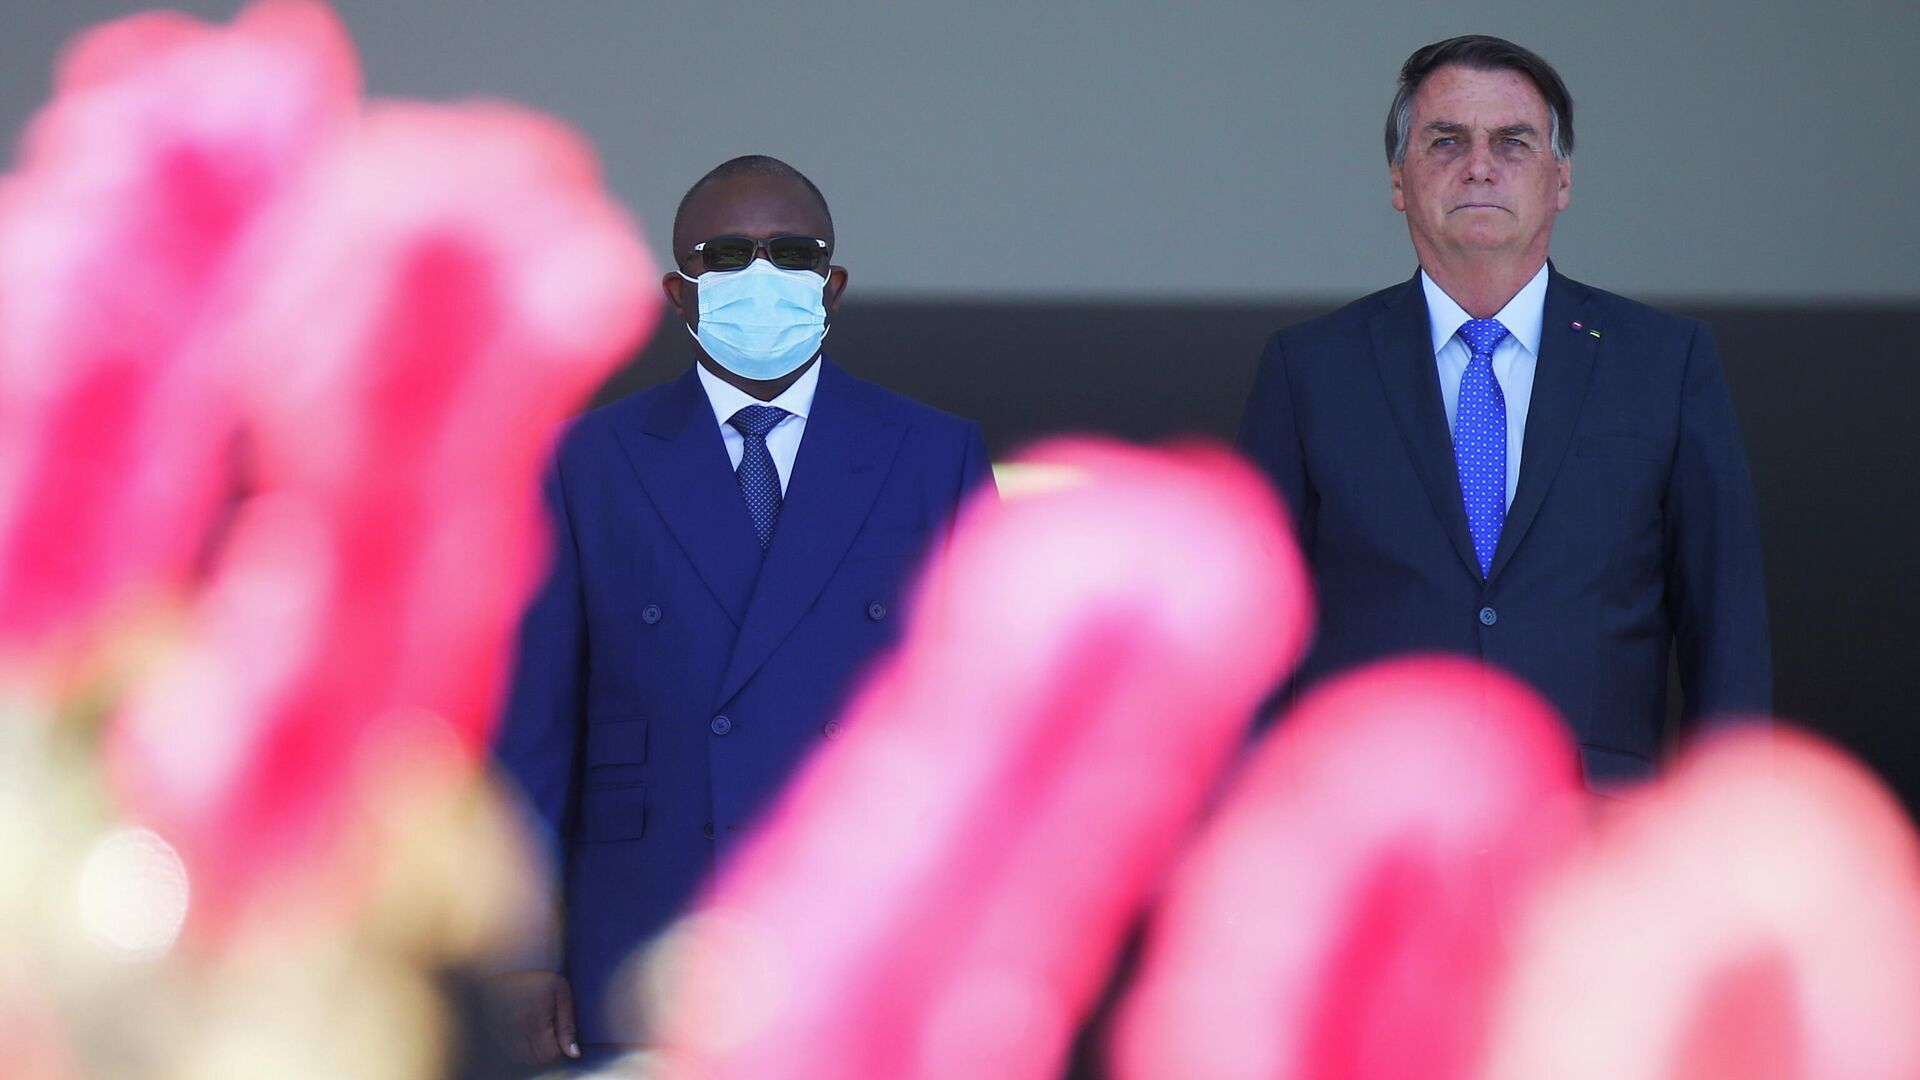 El presidente brasileño Jair Bolsonaro recibió en Brasilia al presidente de Guinea-Bissau, Umaro Sissoco Embaló - Sputnik Mundo, 1920, 24.08.2021